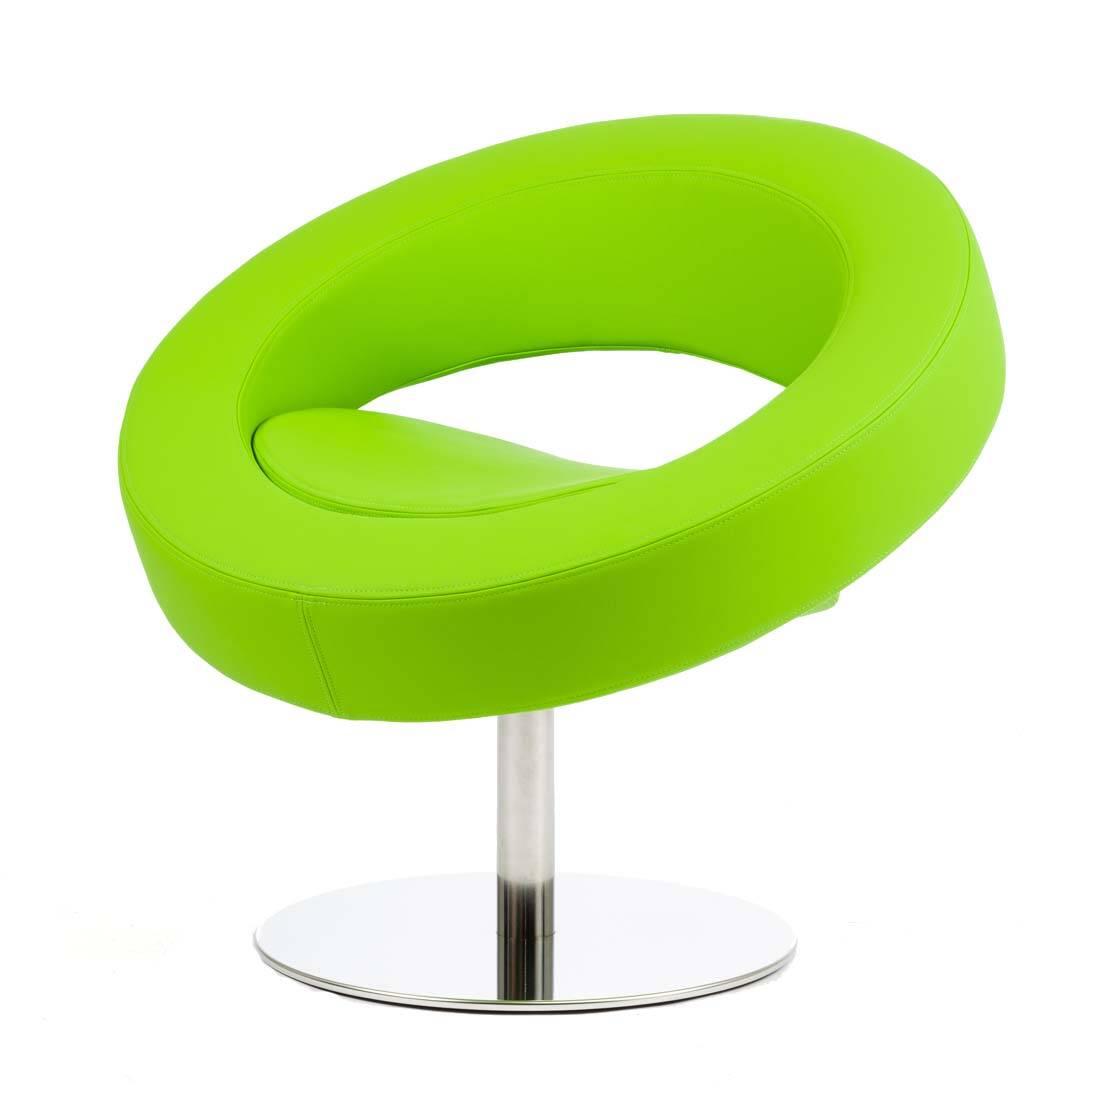 Кресло HelloИнтерьерные<br>Дизайнерское футуристичное круглое кресло Hello (Хеллоу) на узкой ножке цвета хром от Softline (Софтлайн).<br><br><br> Невероятное обаяние и характер. Кресло было заказано датской медиакорпорацией DR специально для Кайли Миноуг — харизматичной поп-дивы и удивительно жизнерадостного человека. Разработать облик необычного подарка взялся опытный дизайнер Флемминг Буск, создатель творческого дуэта и бренда Busk+Hertzog. Буск уже успешно сотрудничал с Softline, и в его послужном списке значился диван...<br><br>stock: 1<br>Высота: 70<br>Высота сиденья: 40<br>Диаметр: 75<br>Материал обивки: Полиэстер<br>Тип материала каркаса: Сталь нержавеющя<br>Коллекция ткани: Valencia<br>Цвет обивки: Лайм<br>Цвет каркаса: Хром